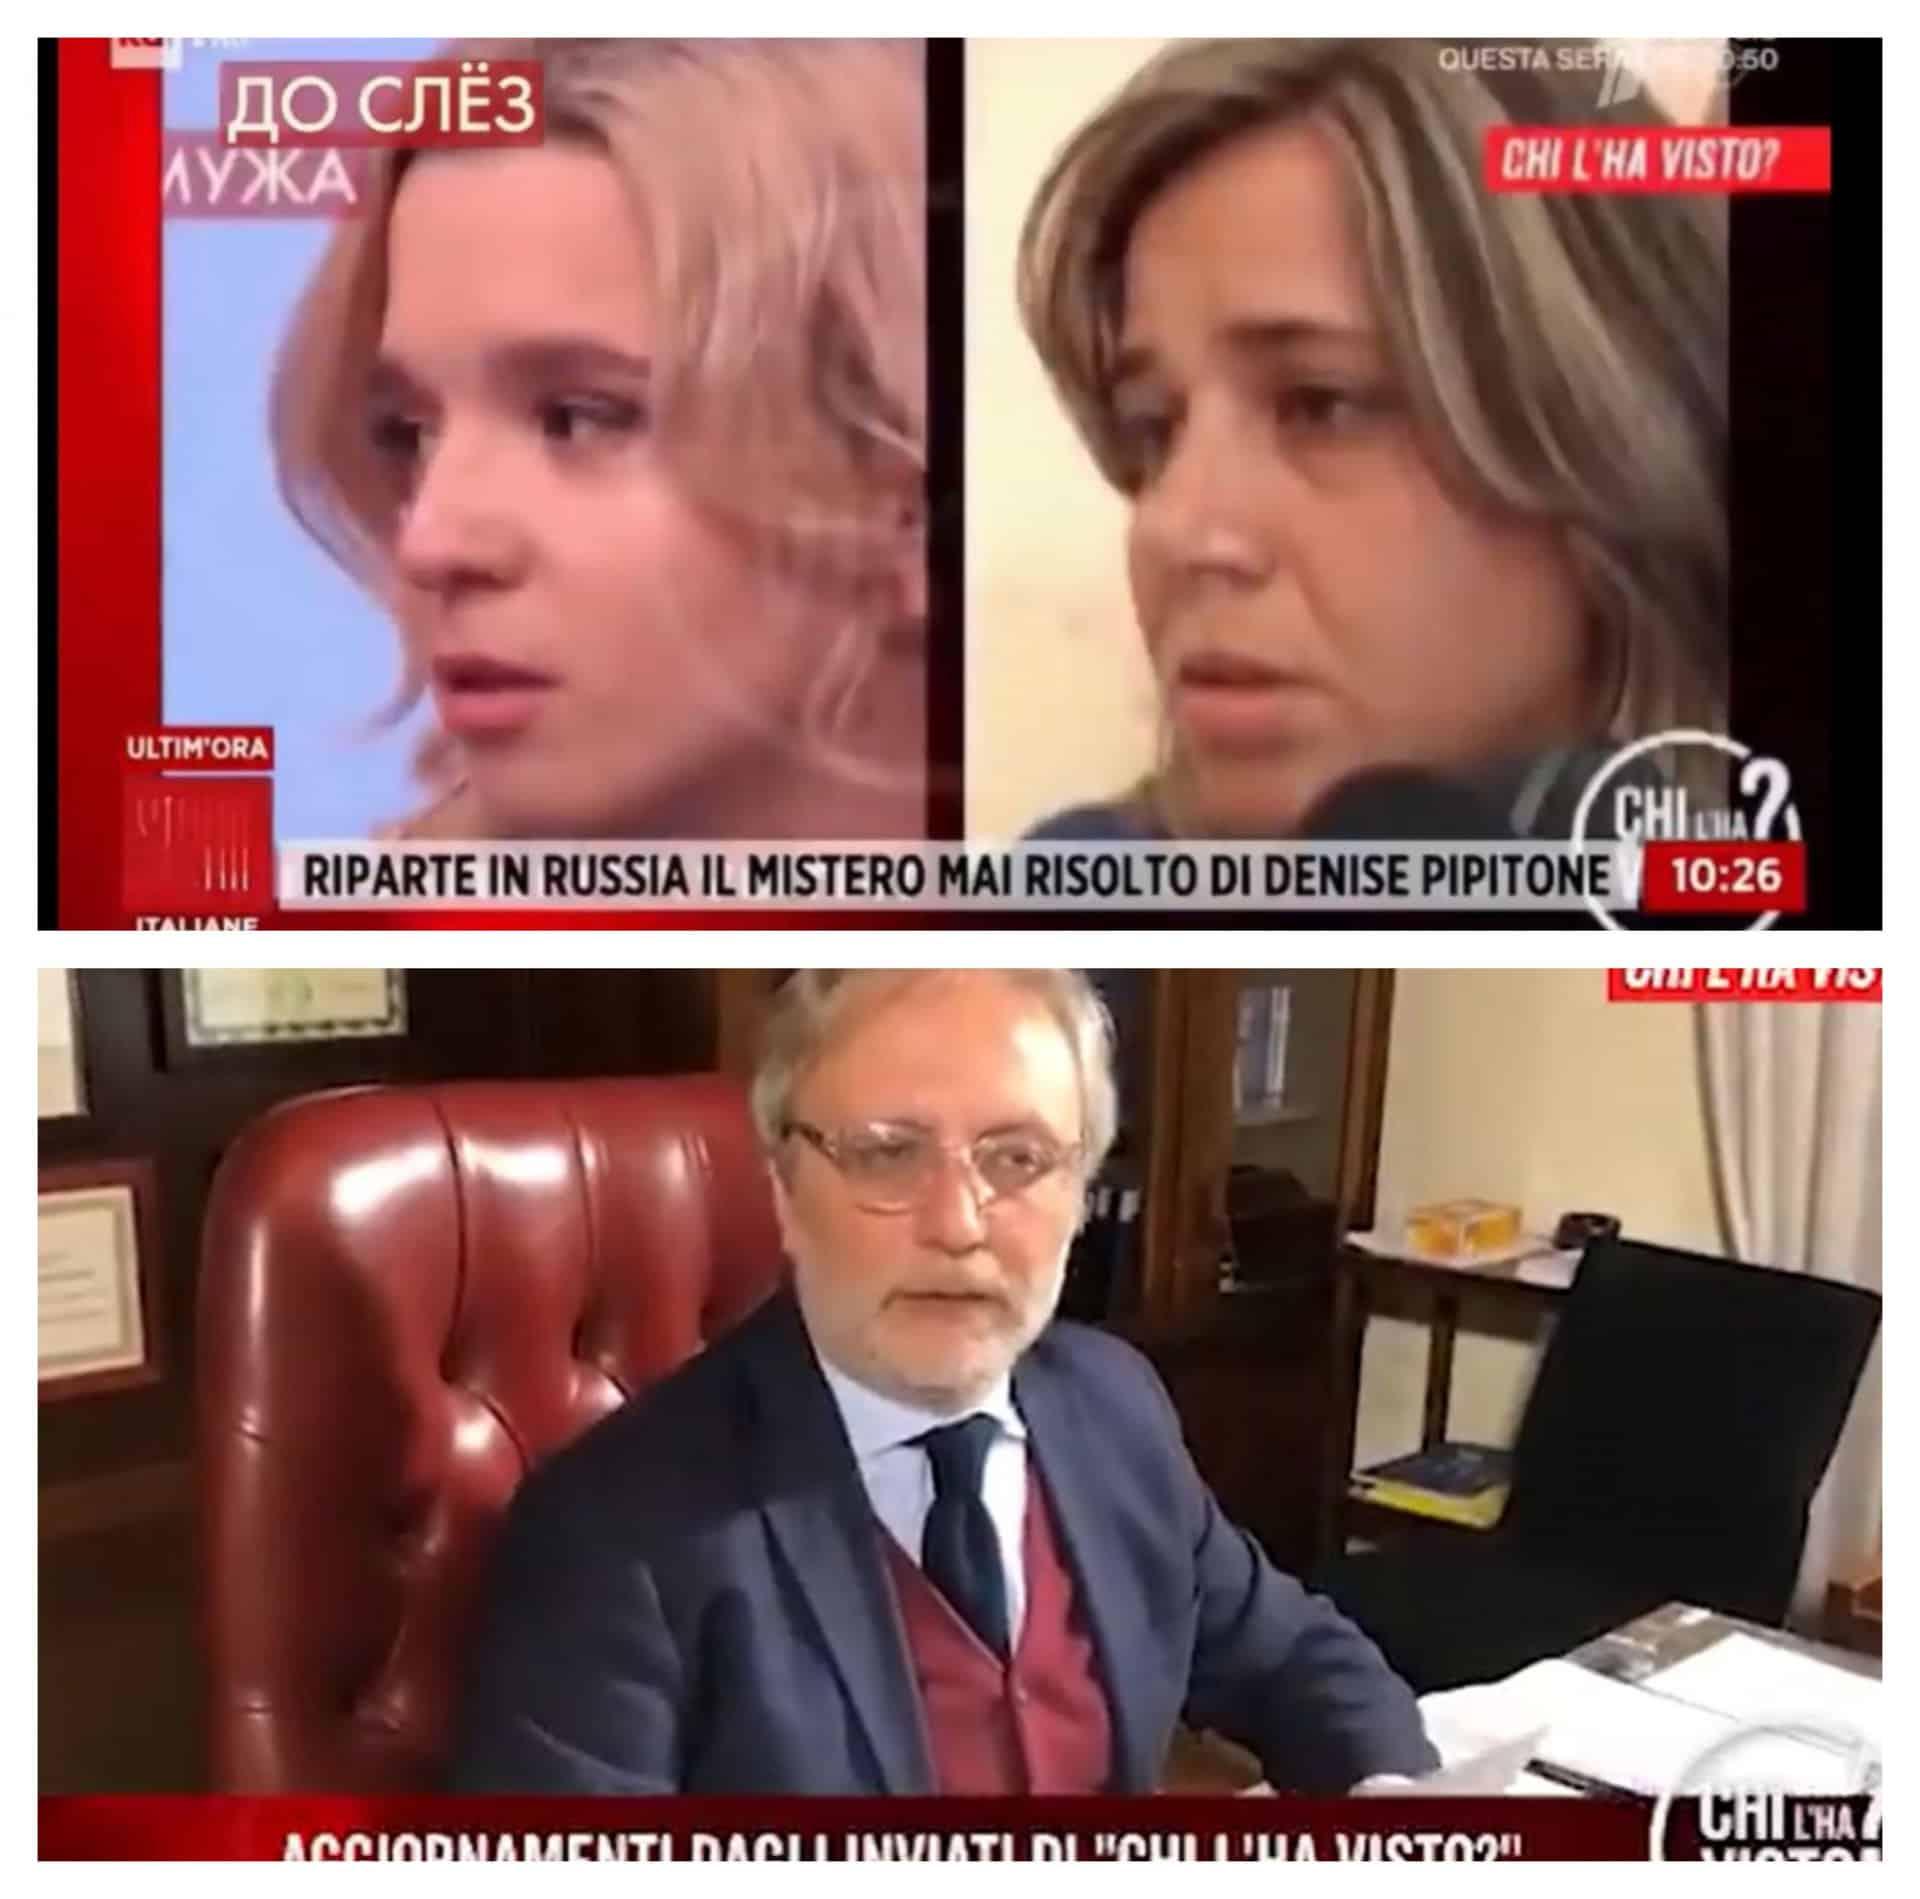 Denise Pipitone ultime notizie, parla Frazzitta: Olesya Rostova non è la nostra Denise